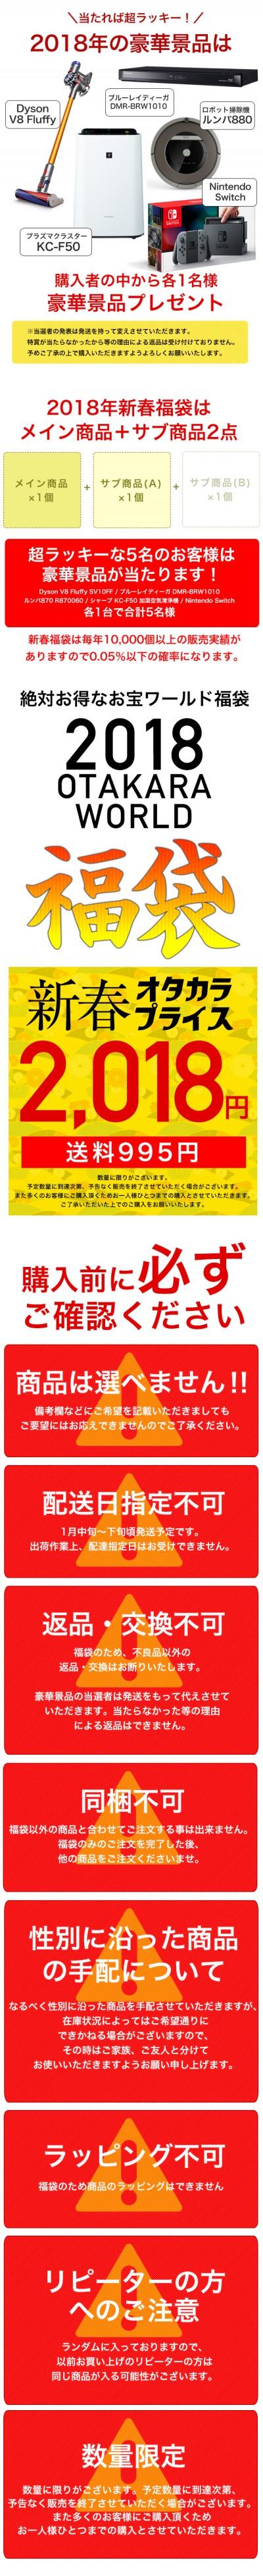 s_福袋5 400 ●.jpg